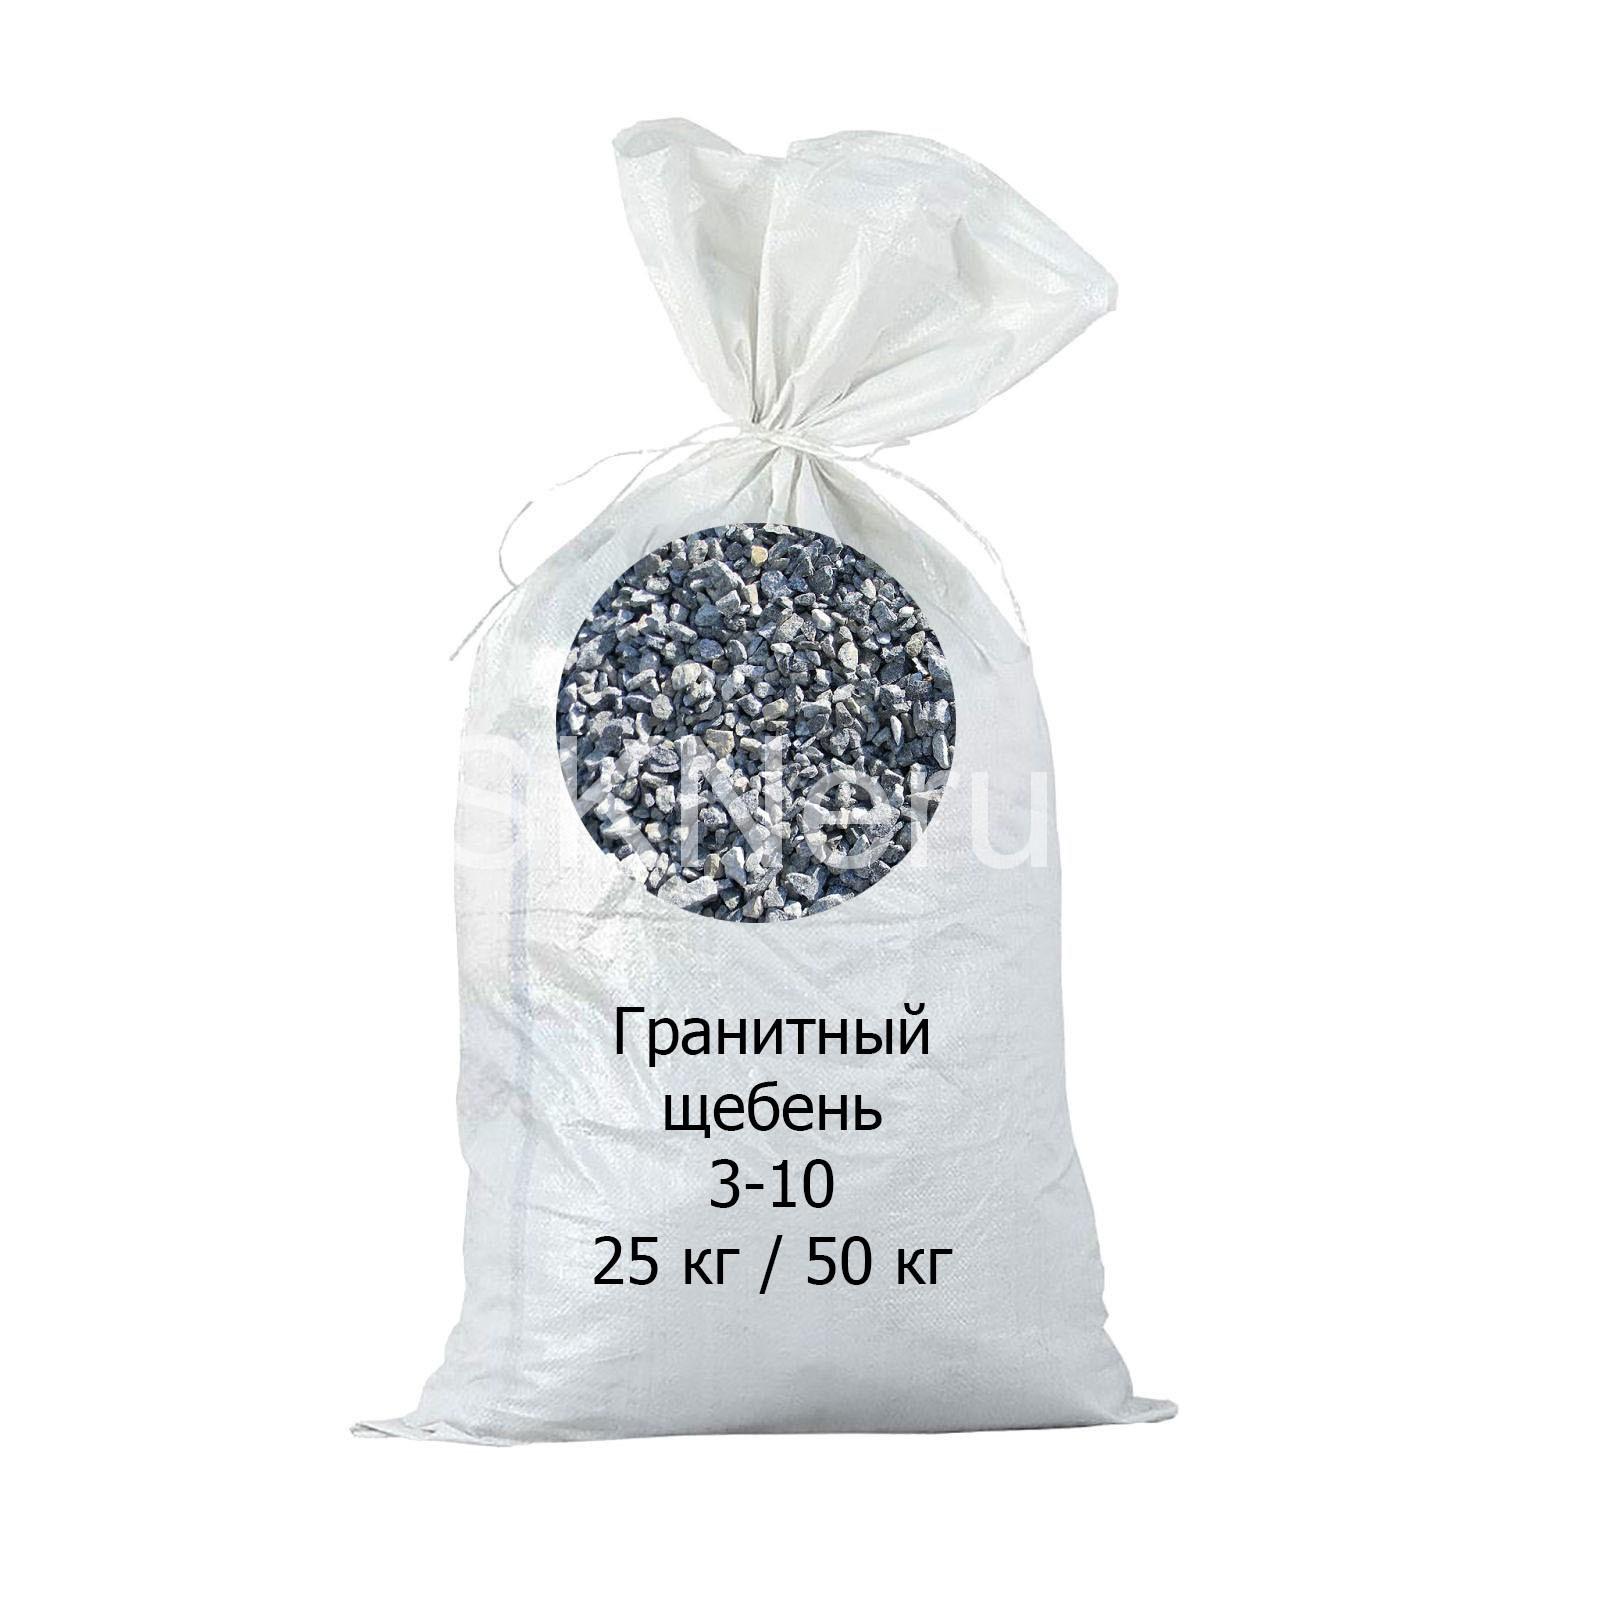 Щебень гранитный 3-10 в мешках 25 кг